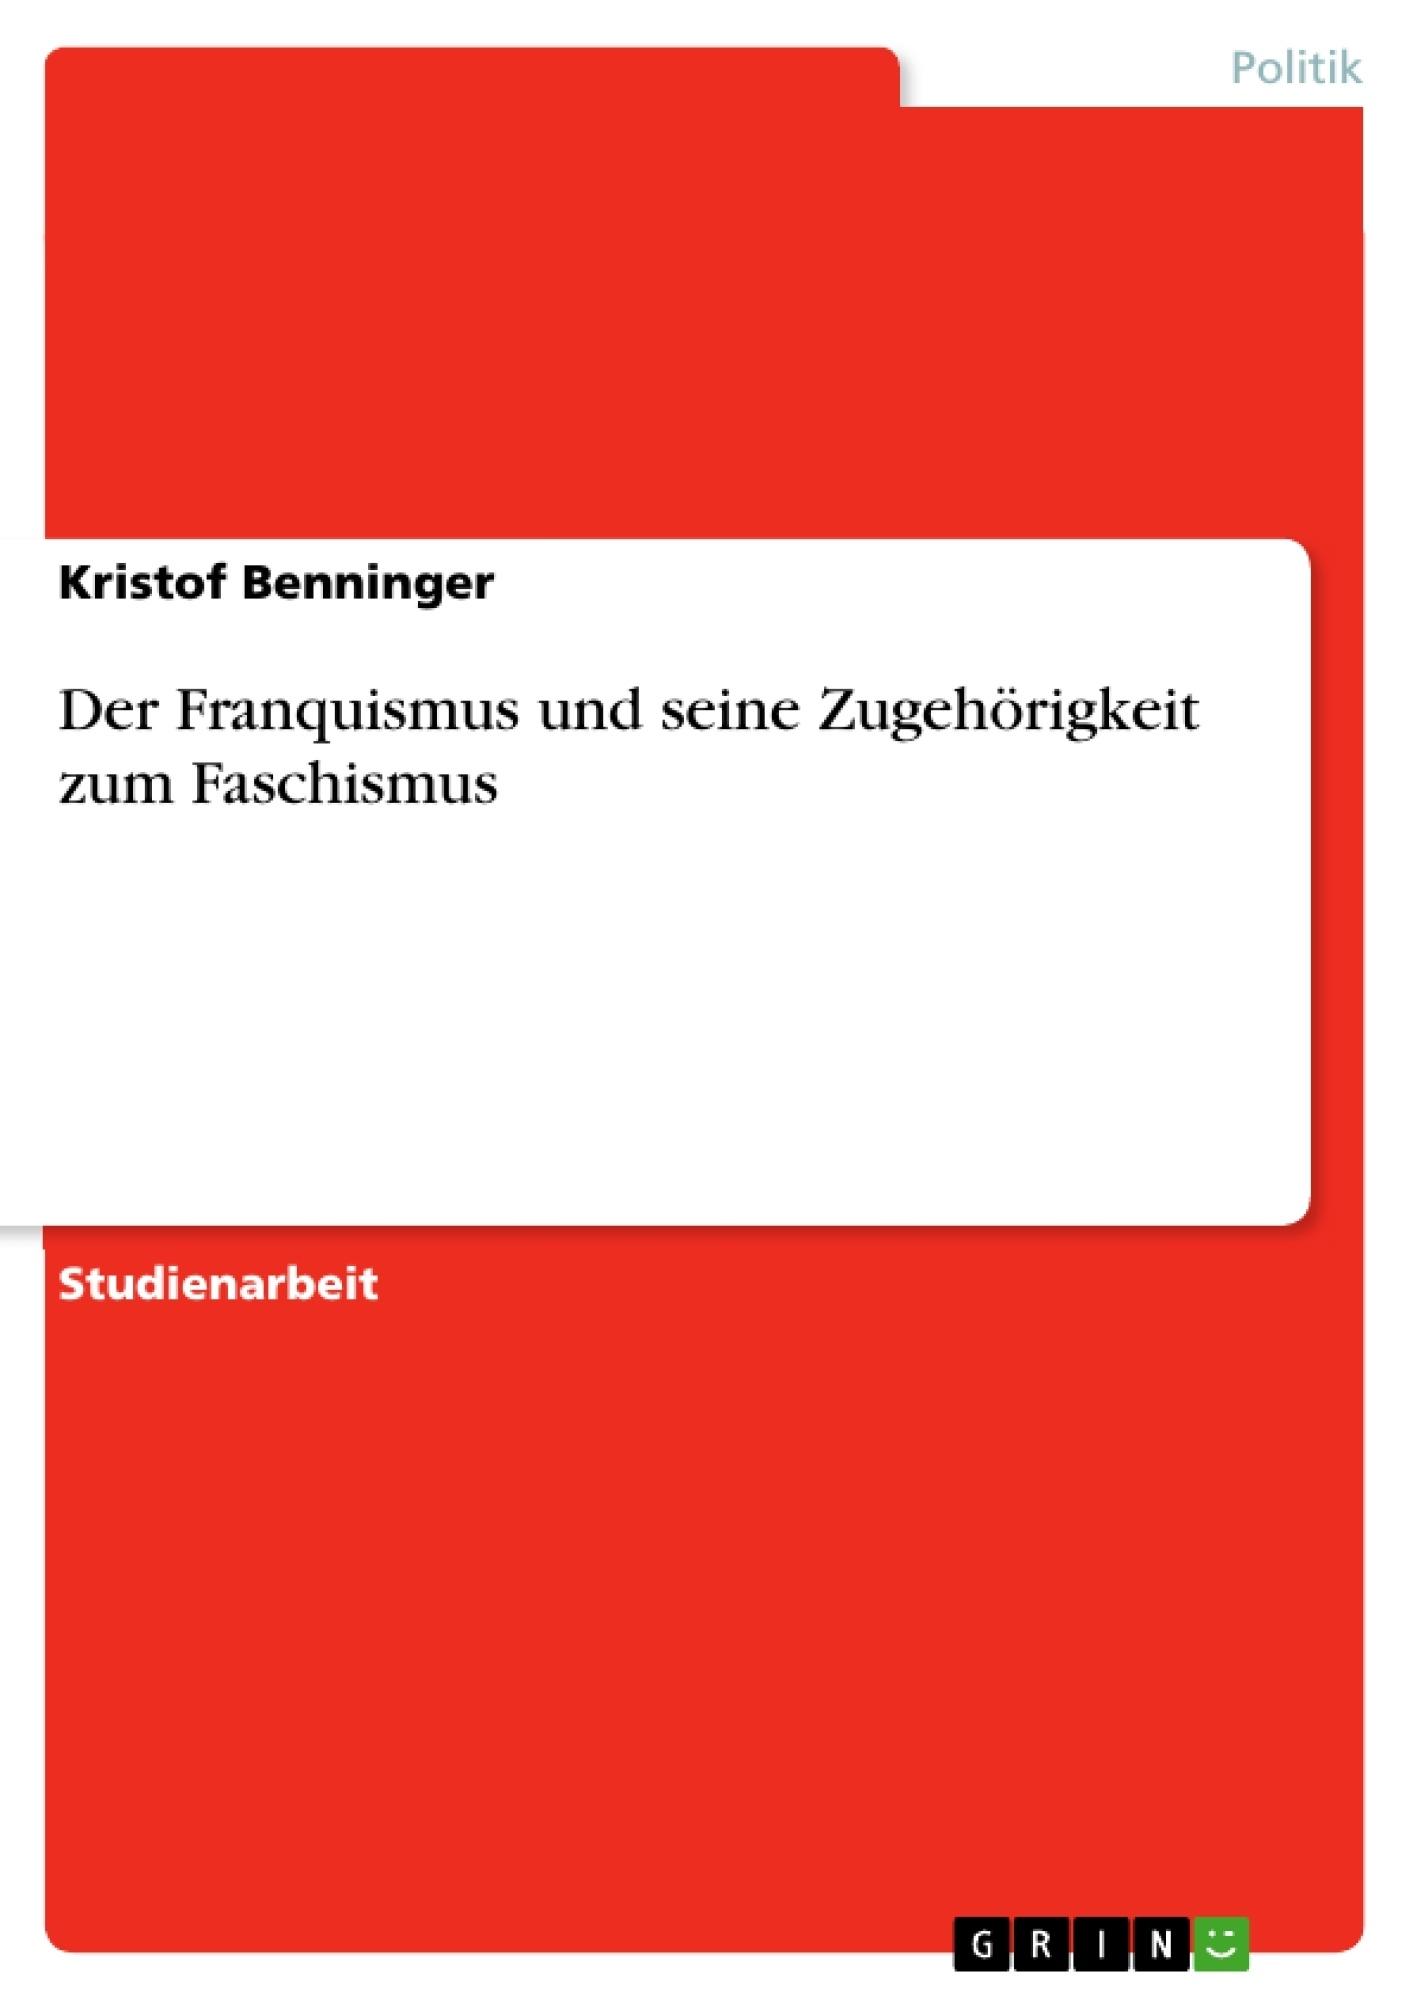 Titel: Der Franquismus und seine Zugehörigkeit zum Faschismus